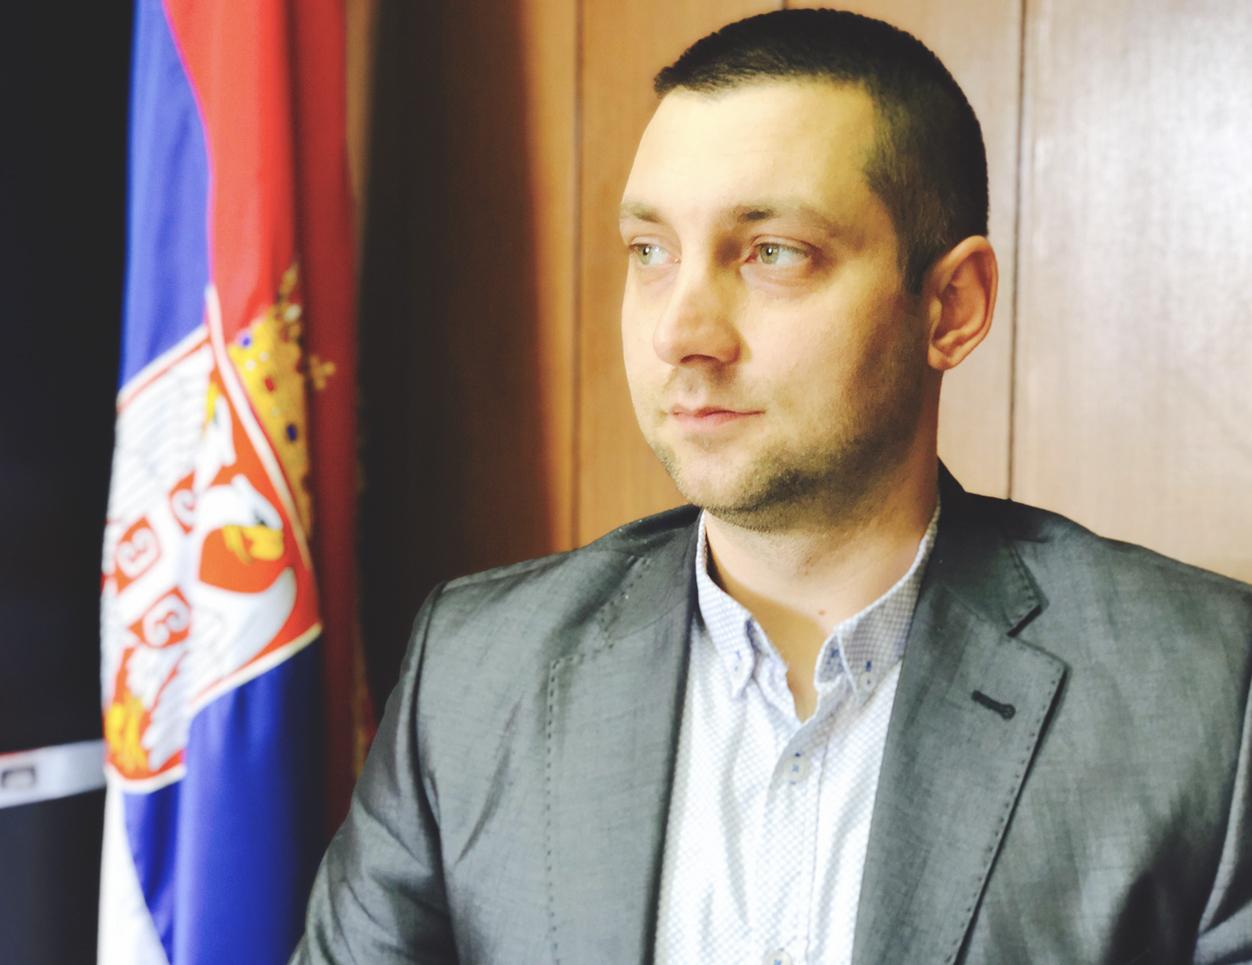 Predsednik opštine Svrljig, Miroslav Marković, foto: Svrljiške novine